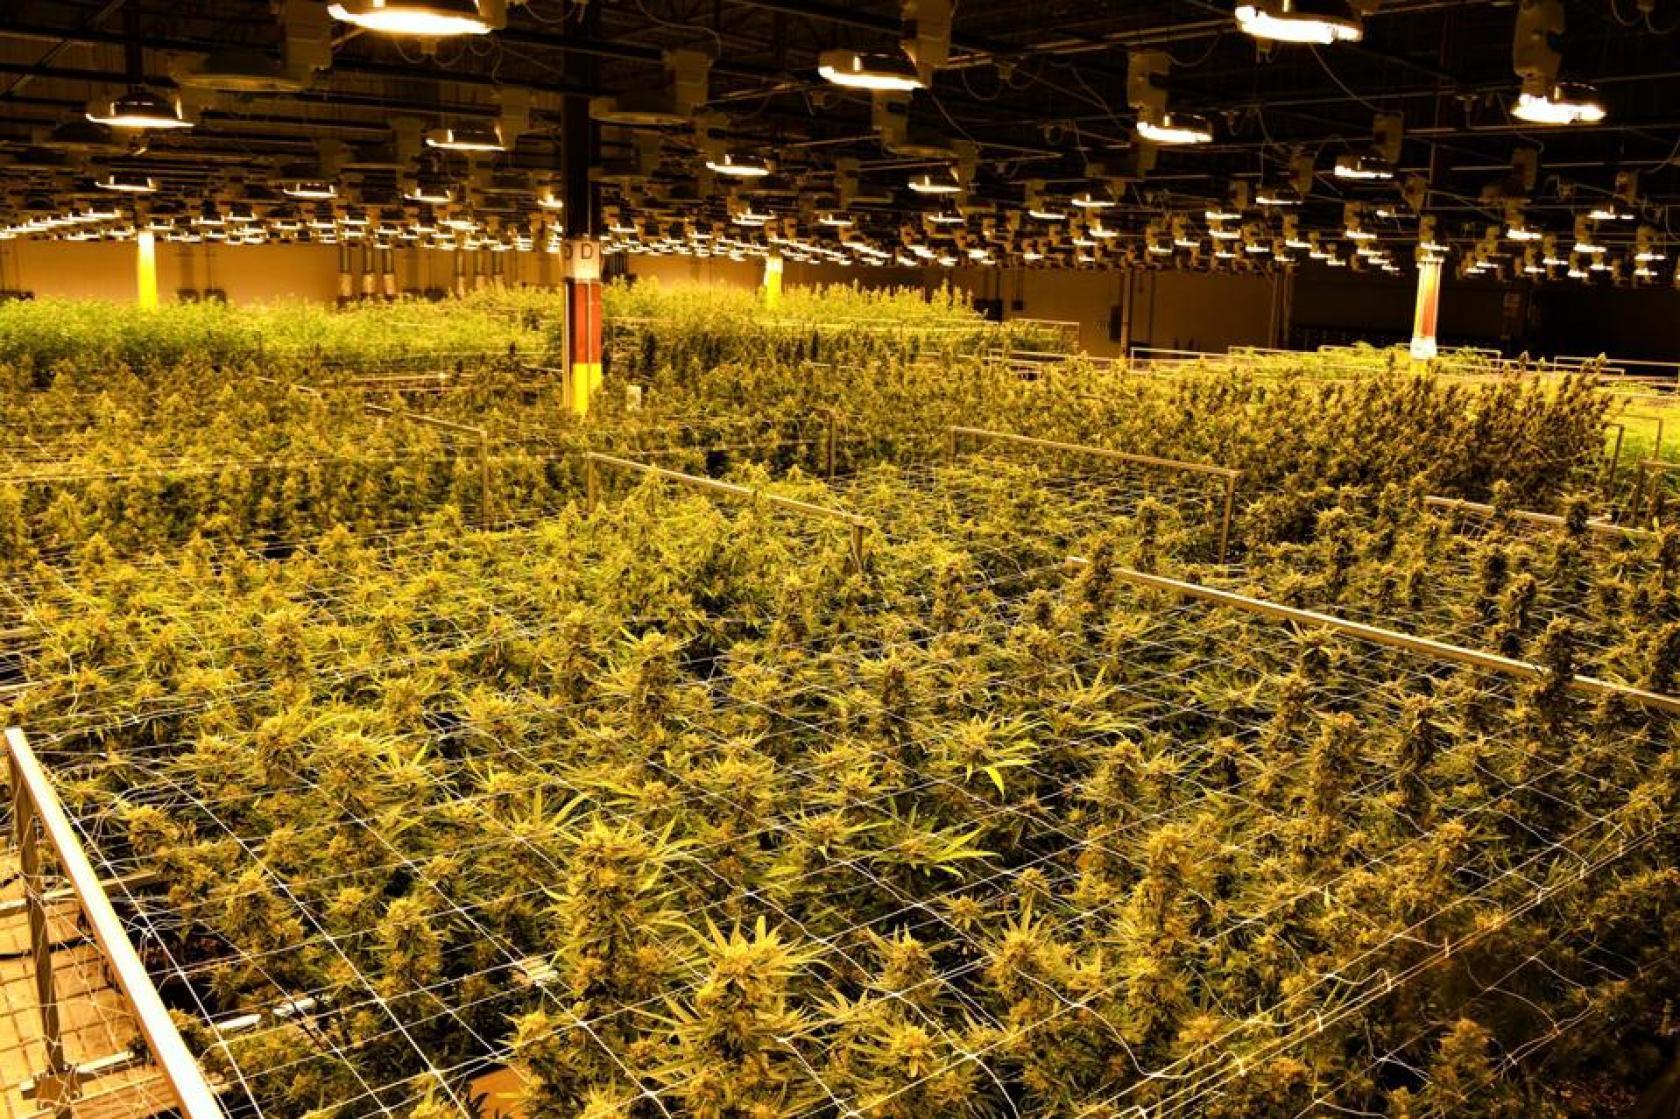 marijuana, cannabis, weed, grow room